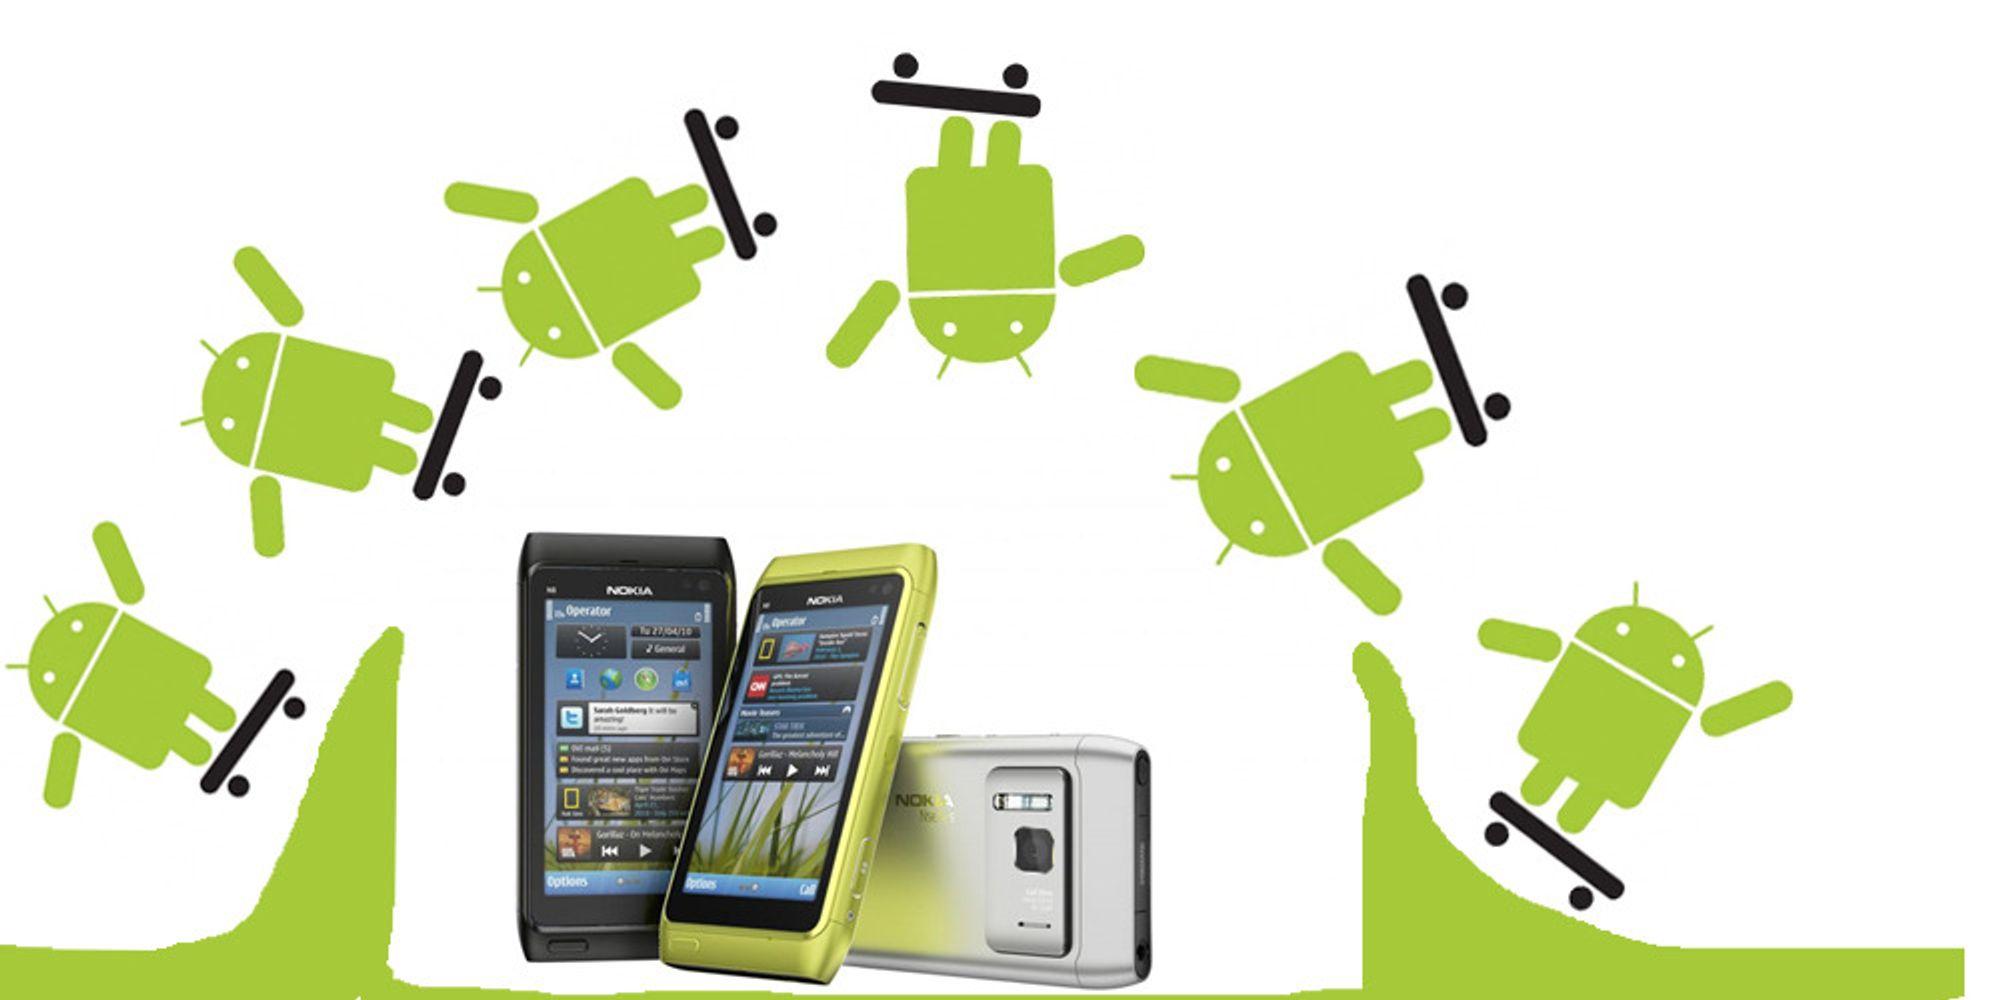 Så store er mobilprodusentene